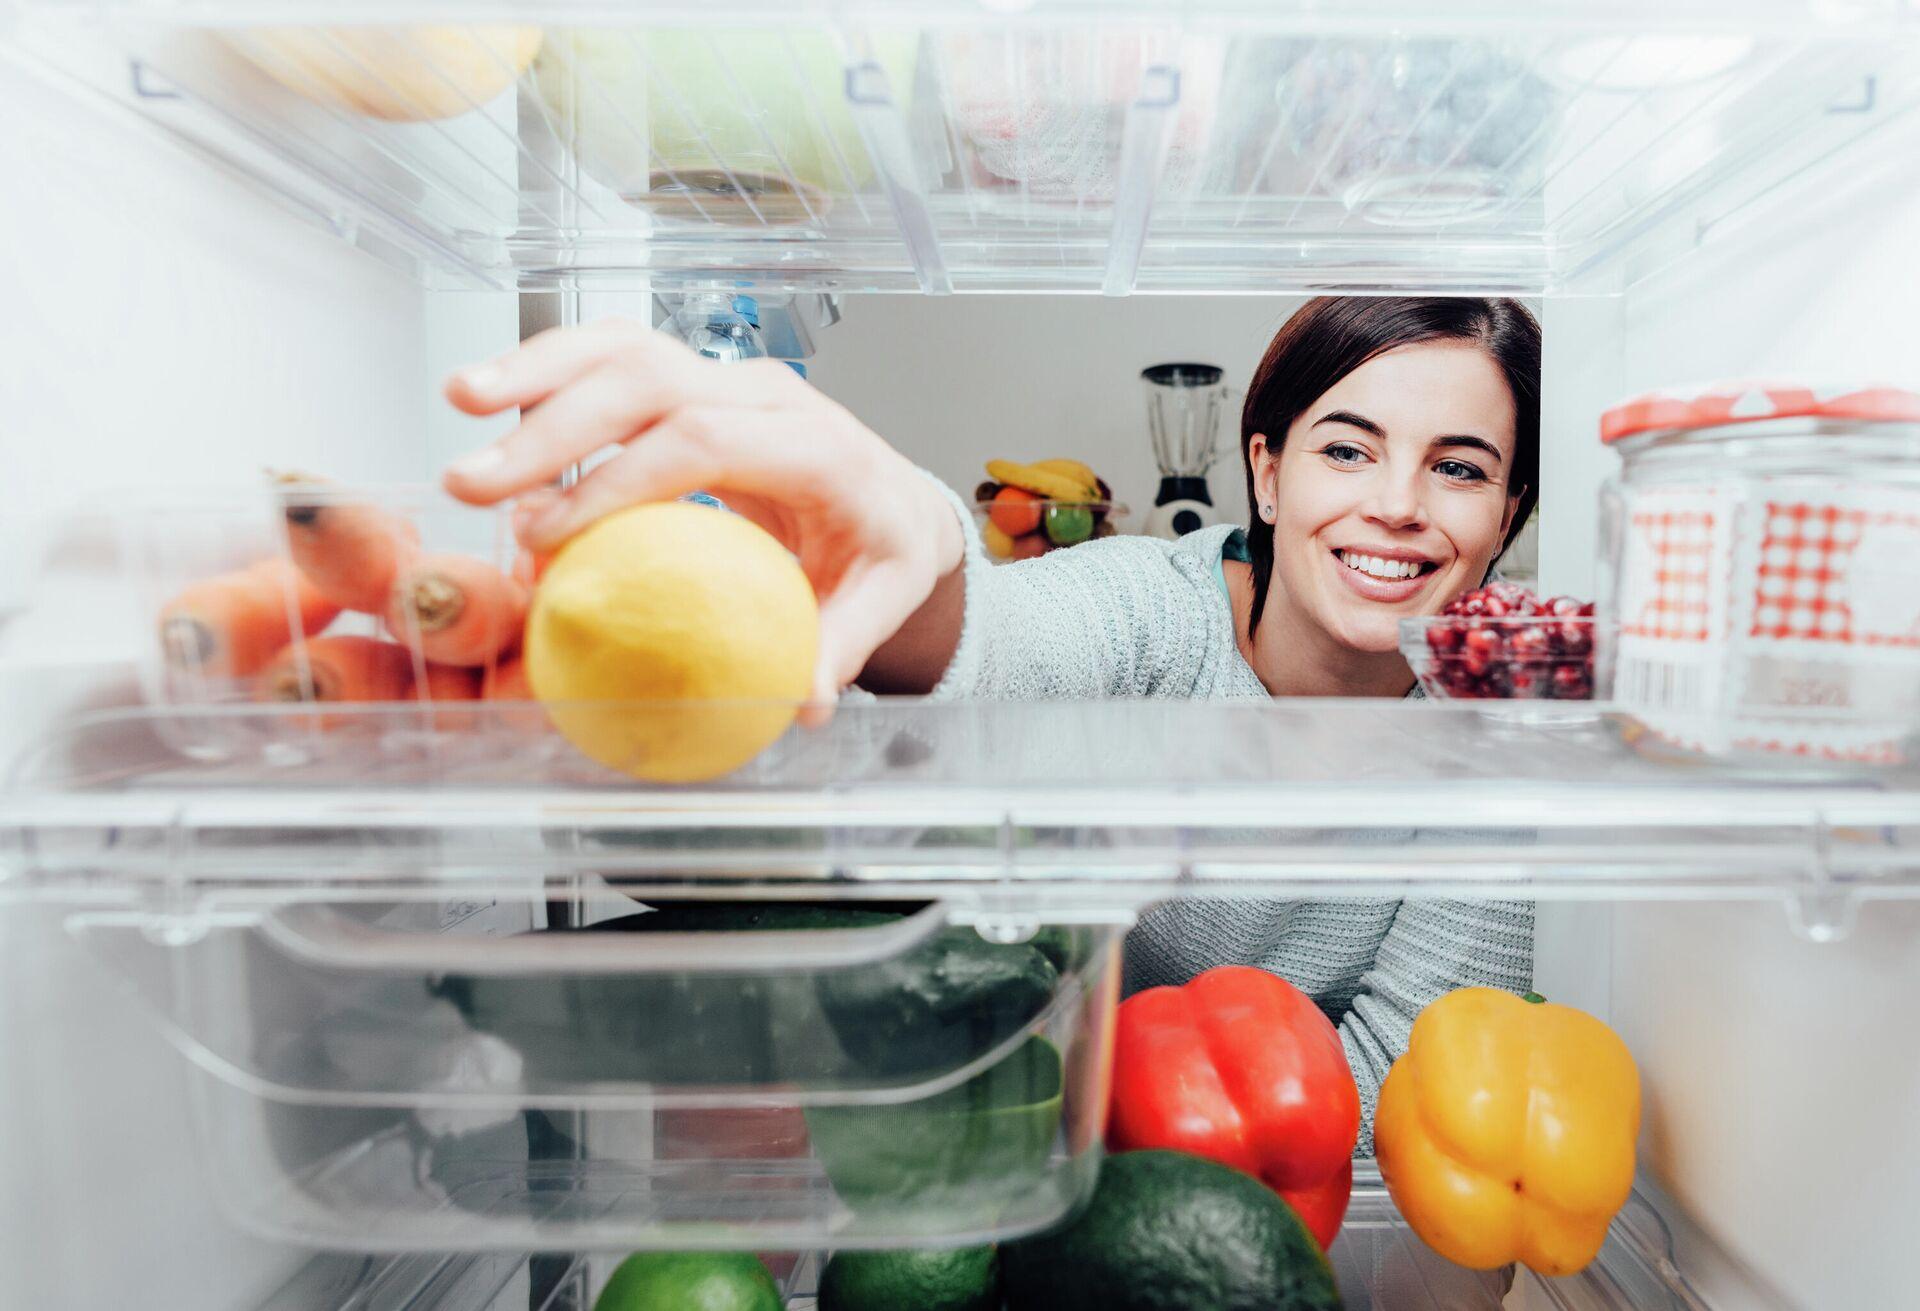 Девушка достаёт лимон из холодильника - РИА Новости, 1920, 16.09.2021